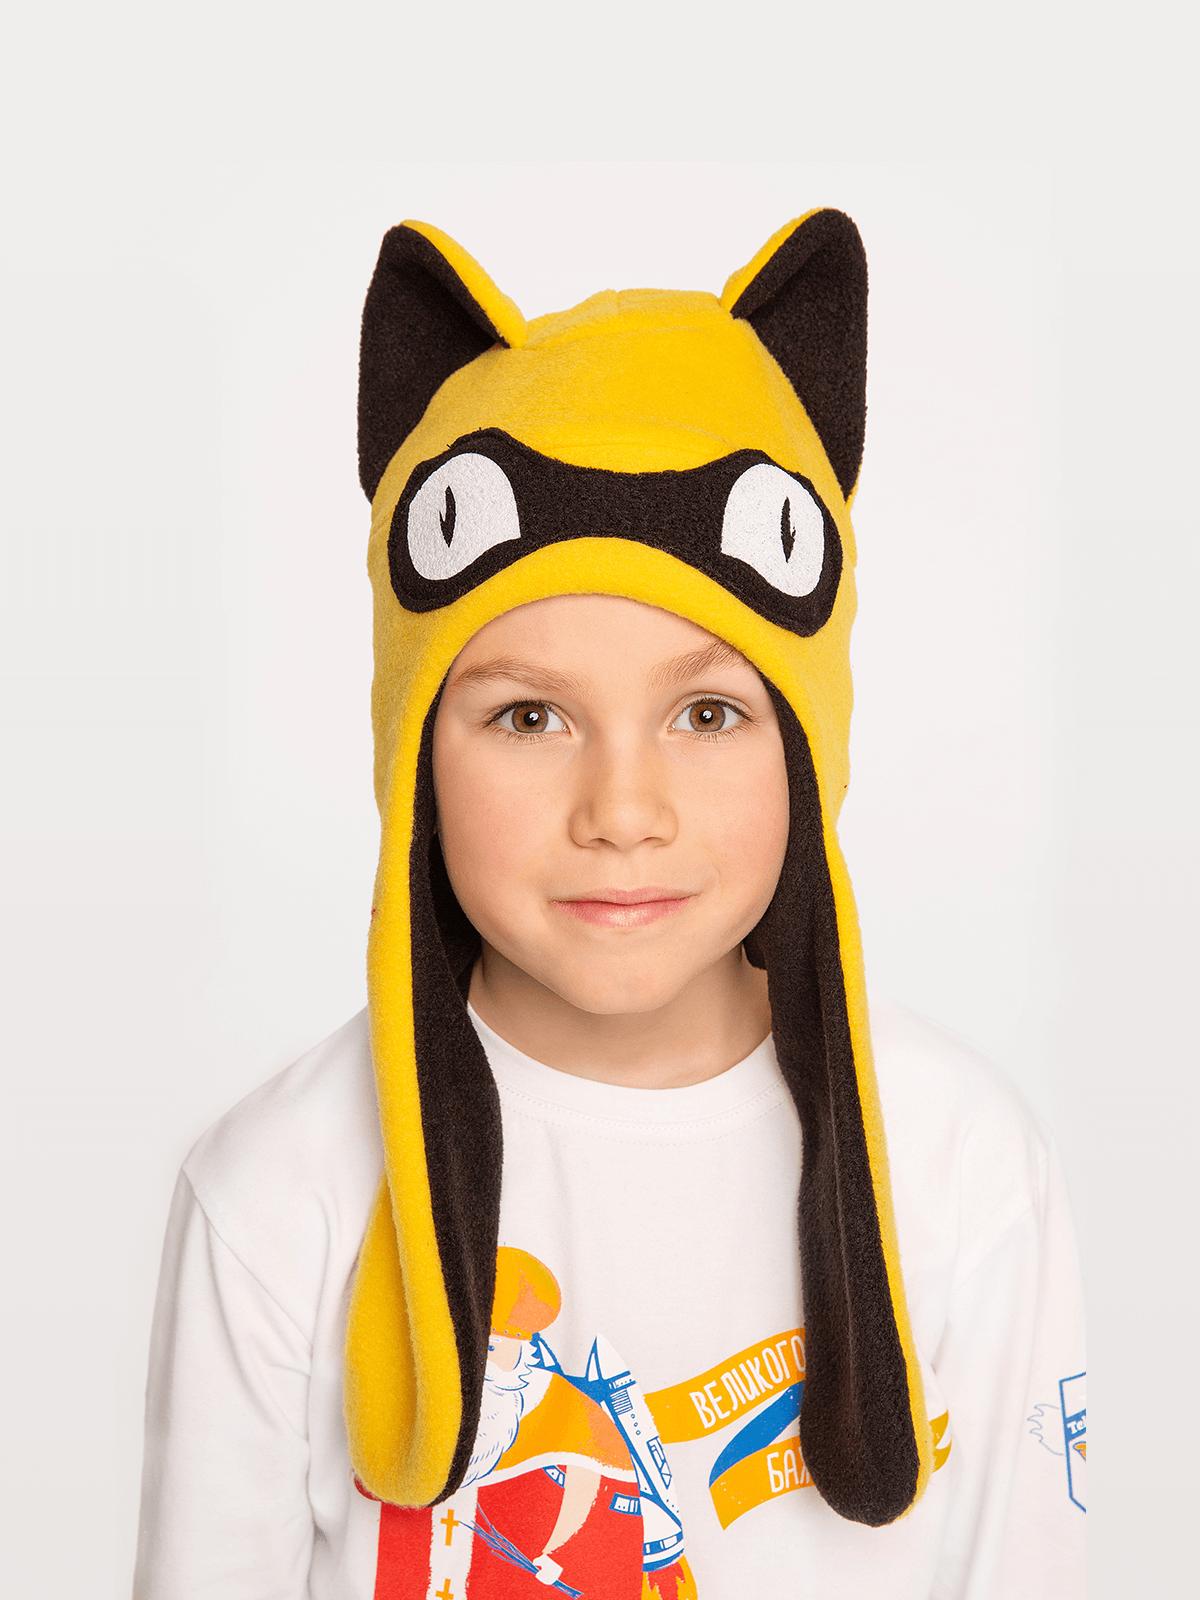 Дитяча Шапка Дикий Кіт. Колір жовтий. Шапка: унісекс, пасує і дівчаткам, і хлопцям.